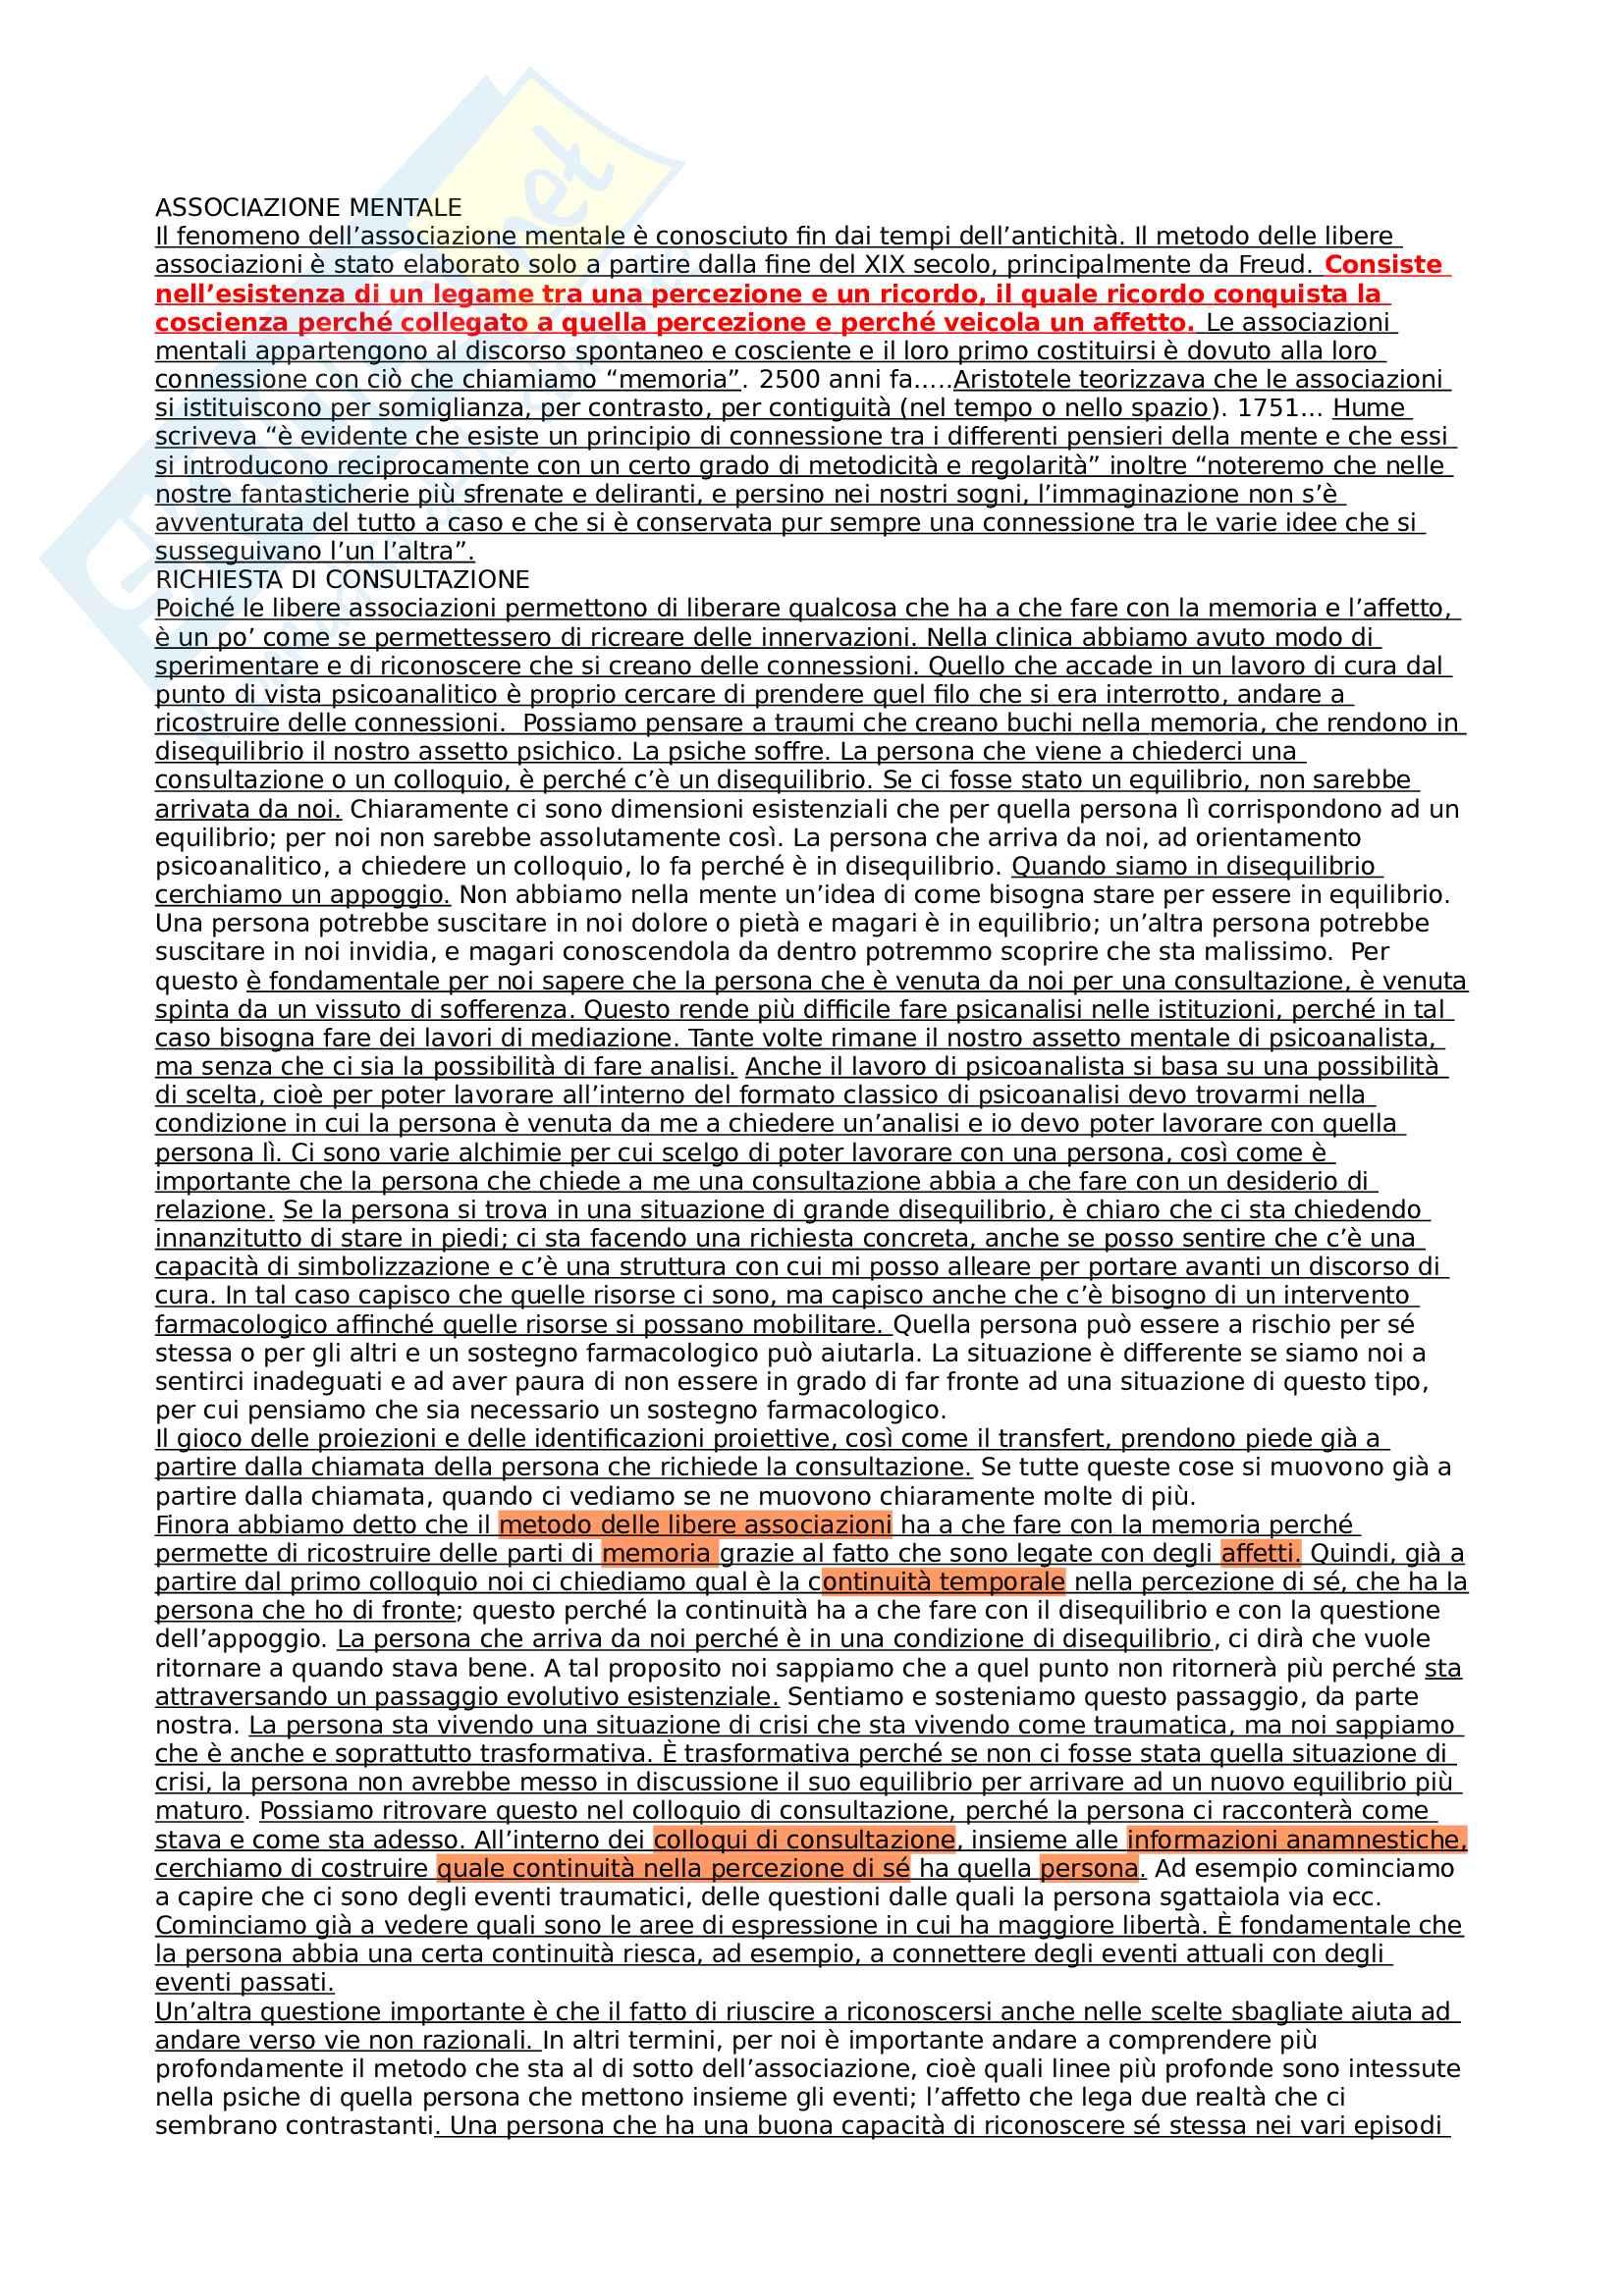 Appunti dettagliati delle lezioni - Teoria e tecnica del colloquio ad orientamento psicoanalitico